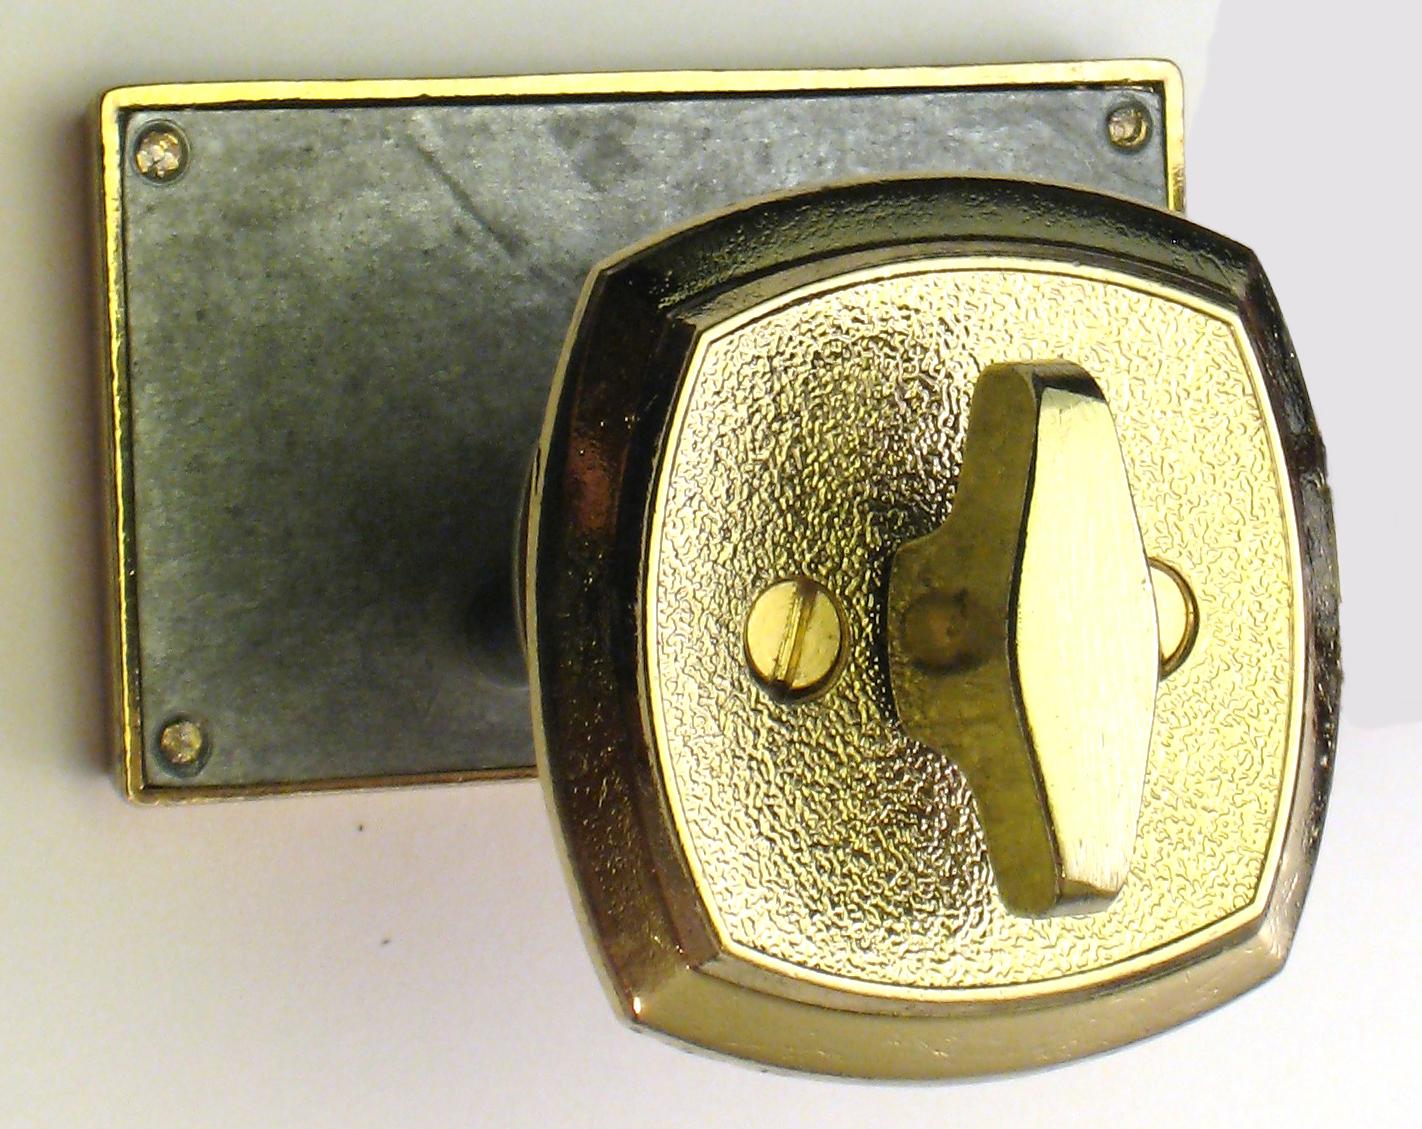 Room Door Occupancy Indicator, Therapy Room Door Indicator, Privacy Indicator, color coded door indicator